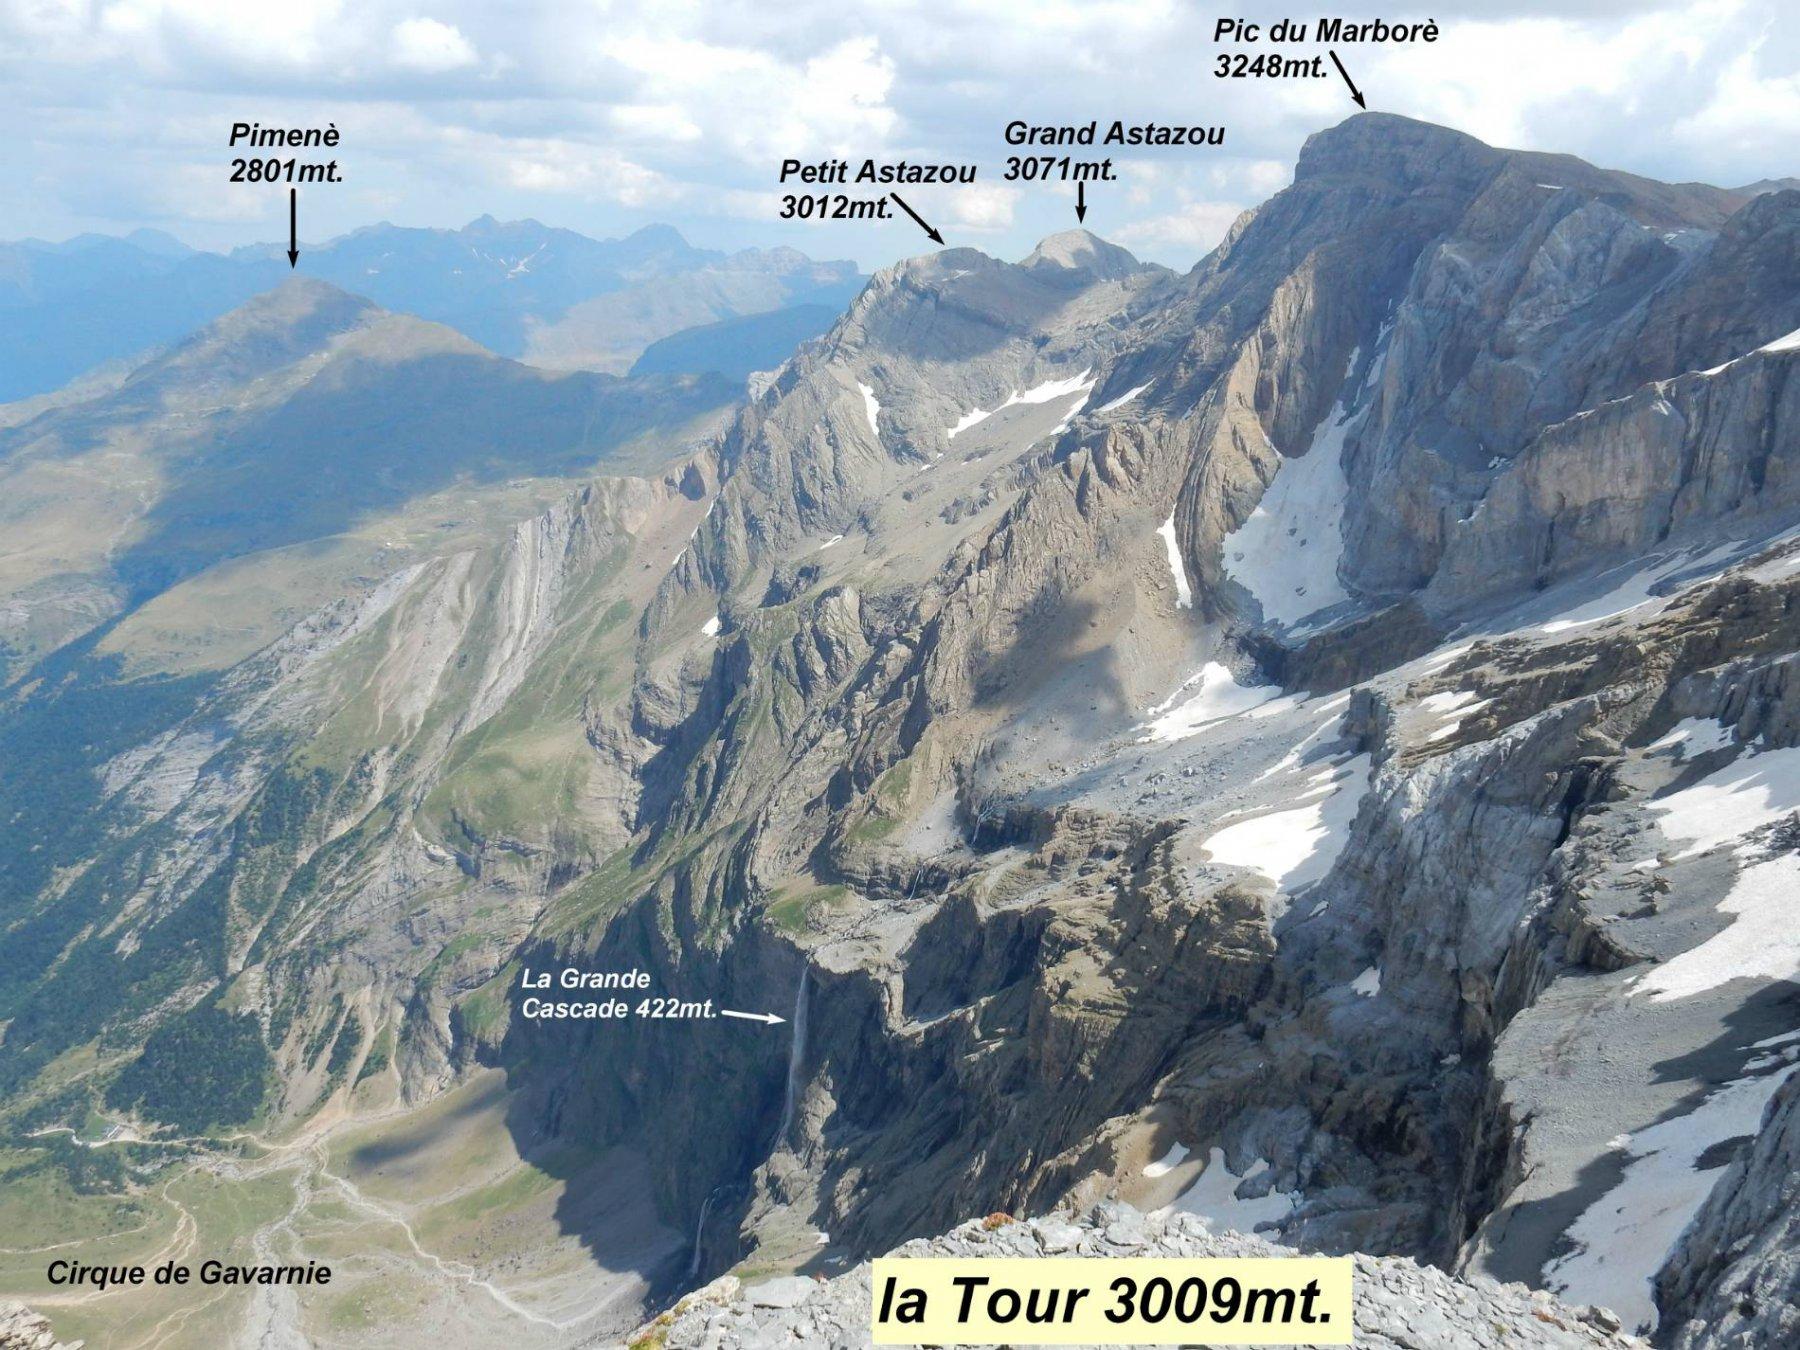 Arriviamo su La Tour 3009mt. 3° 3000...per oggi può bastare.